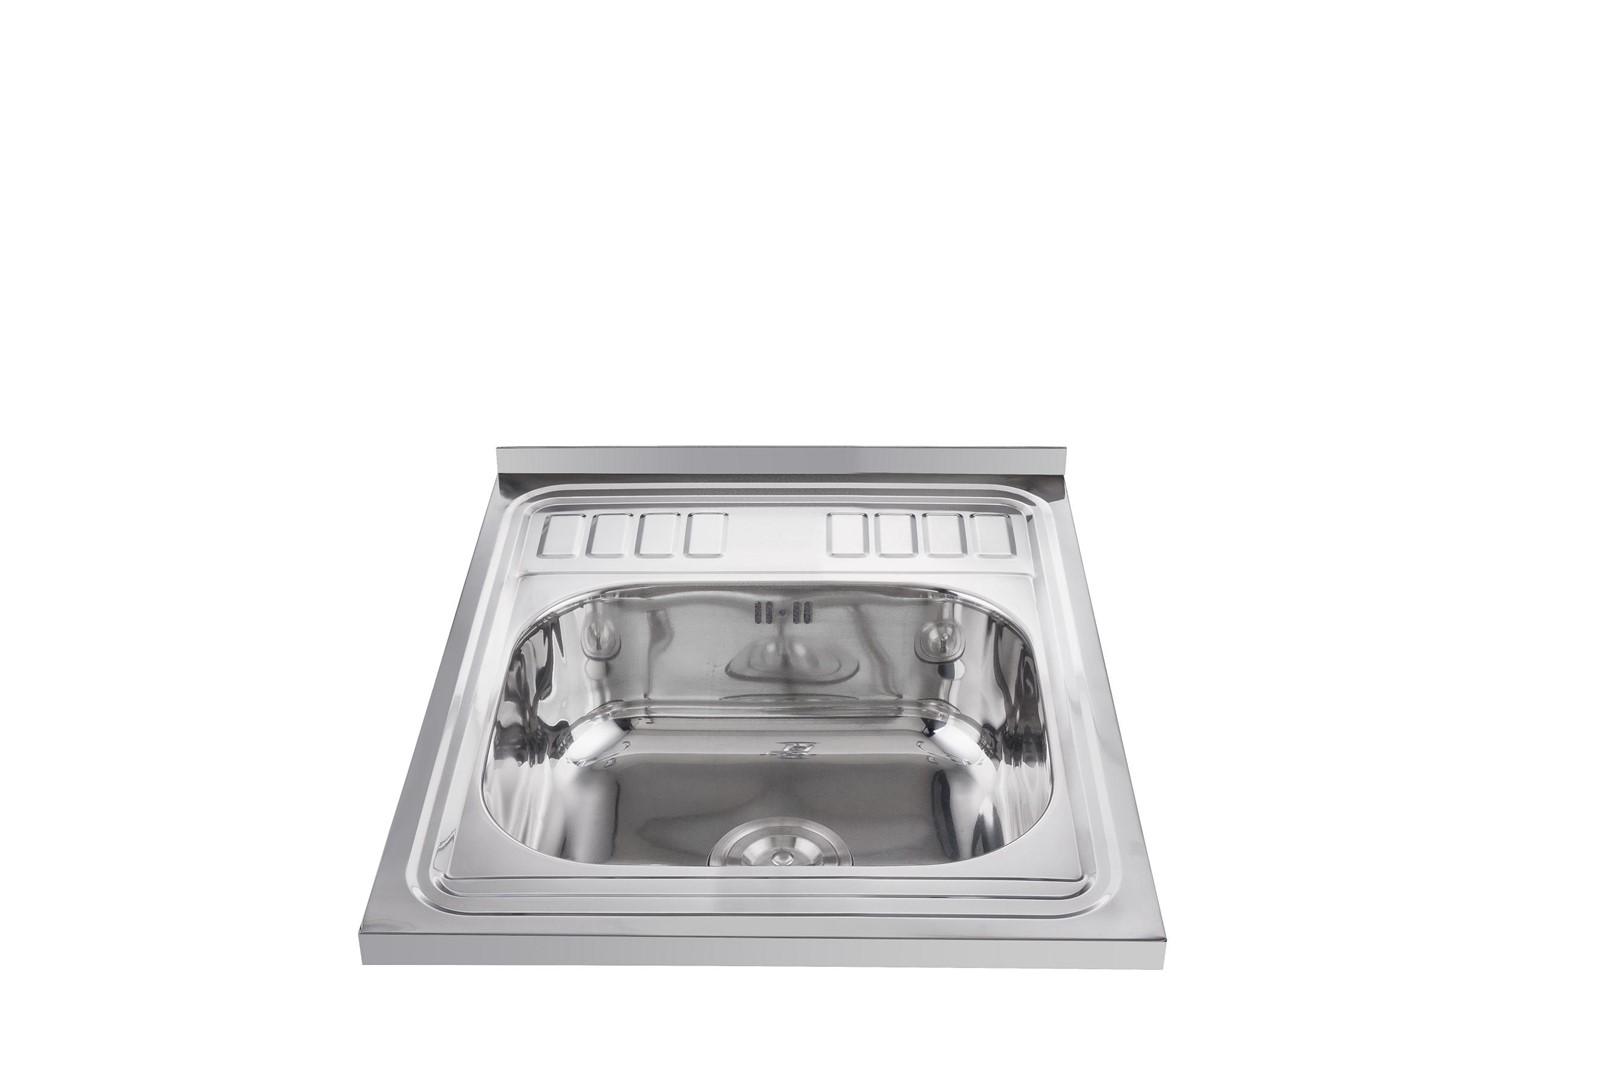 High quality modern single bowl layon kitchen sinks 60 50 for High quality kitchen sinks